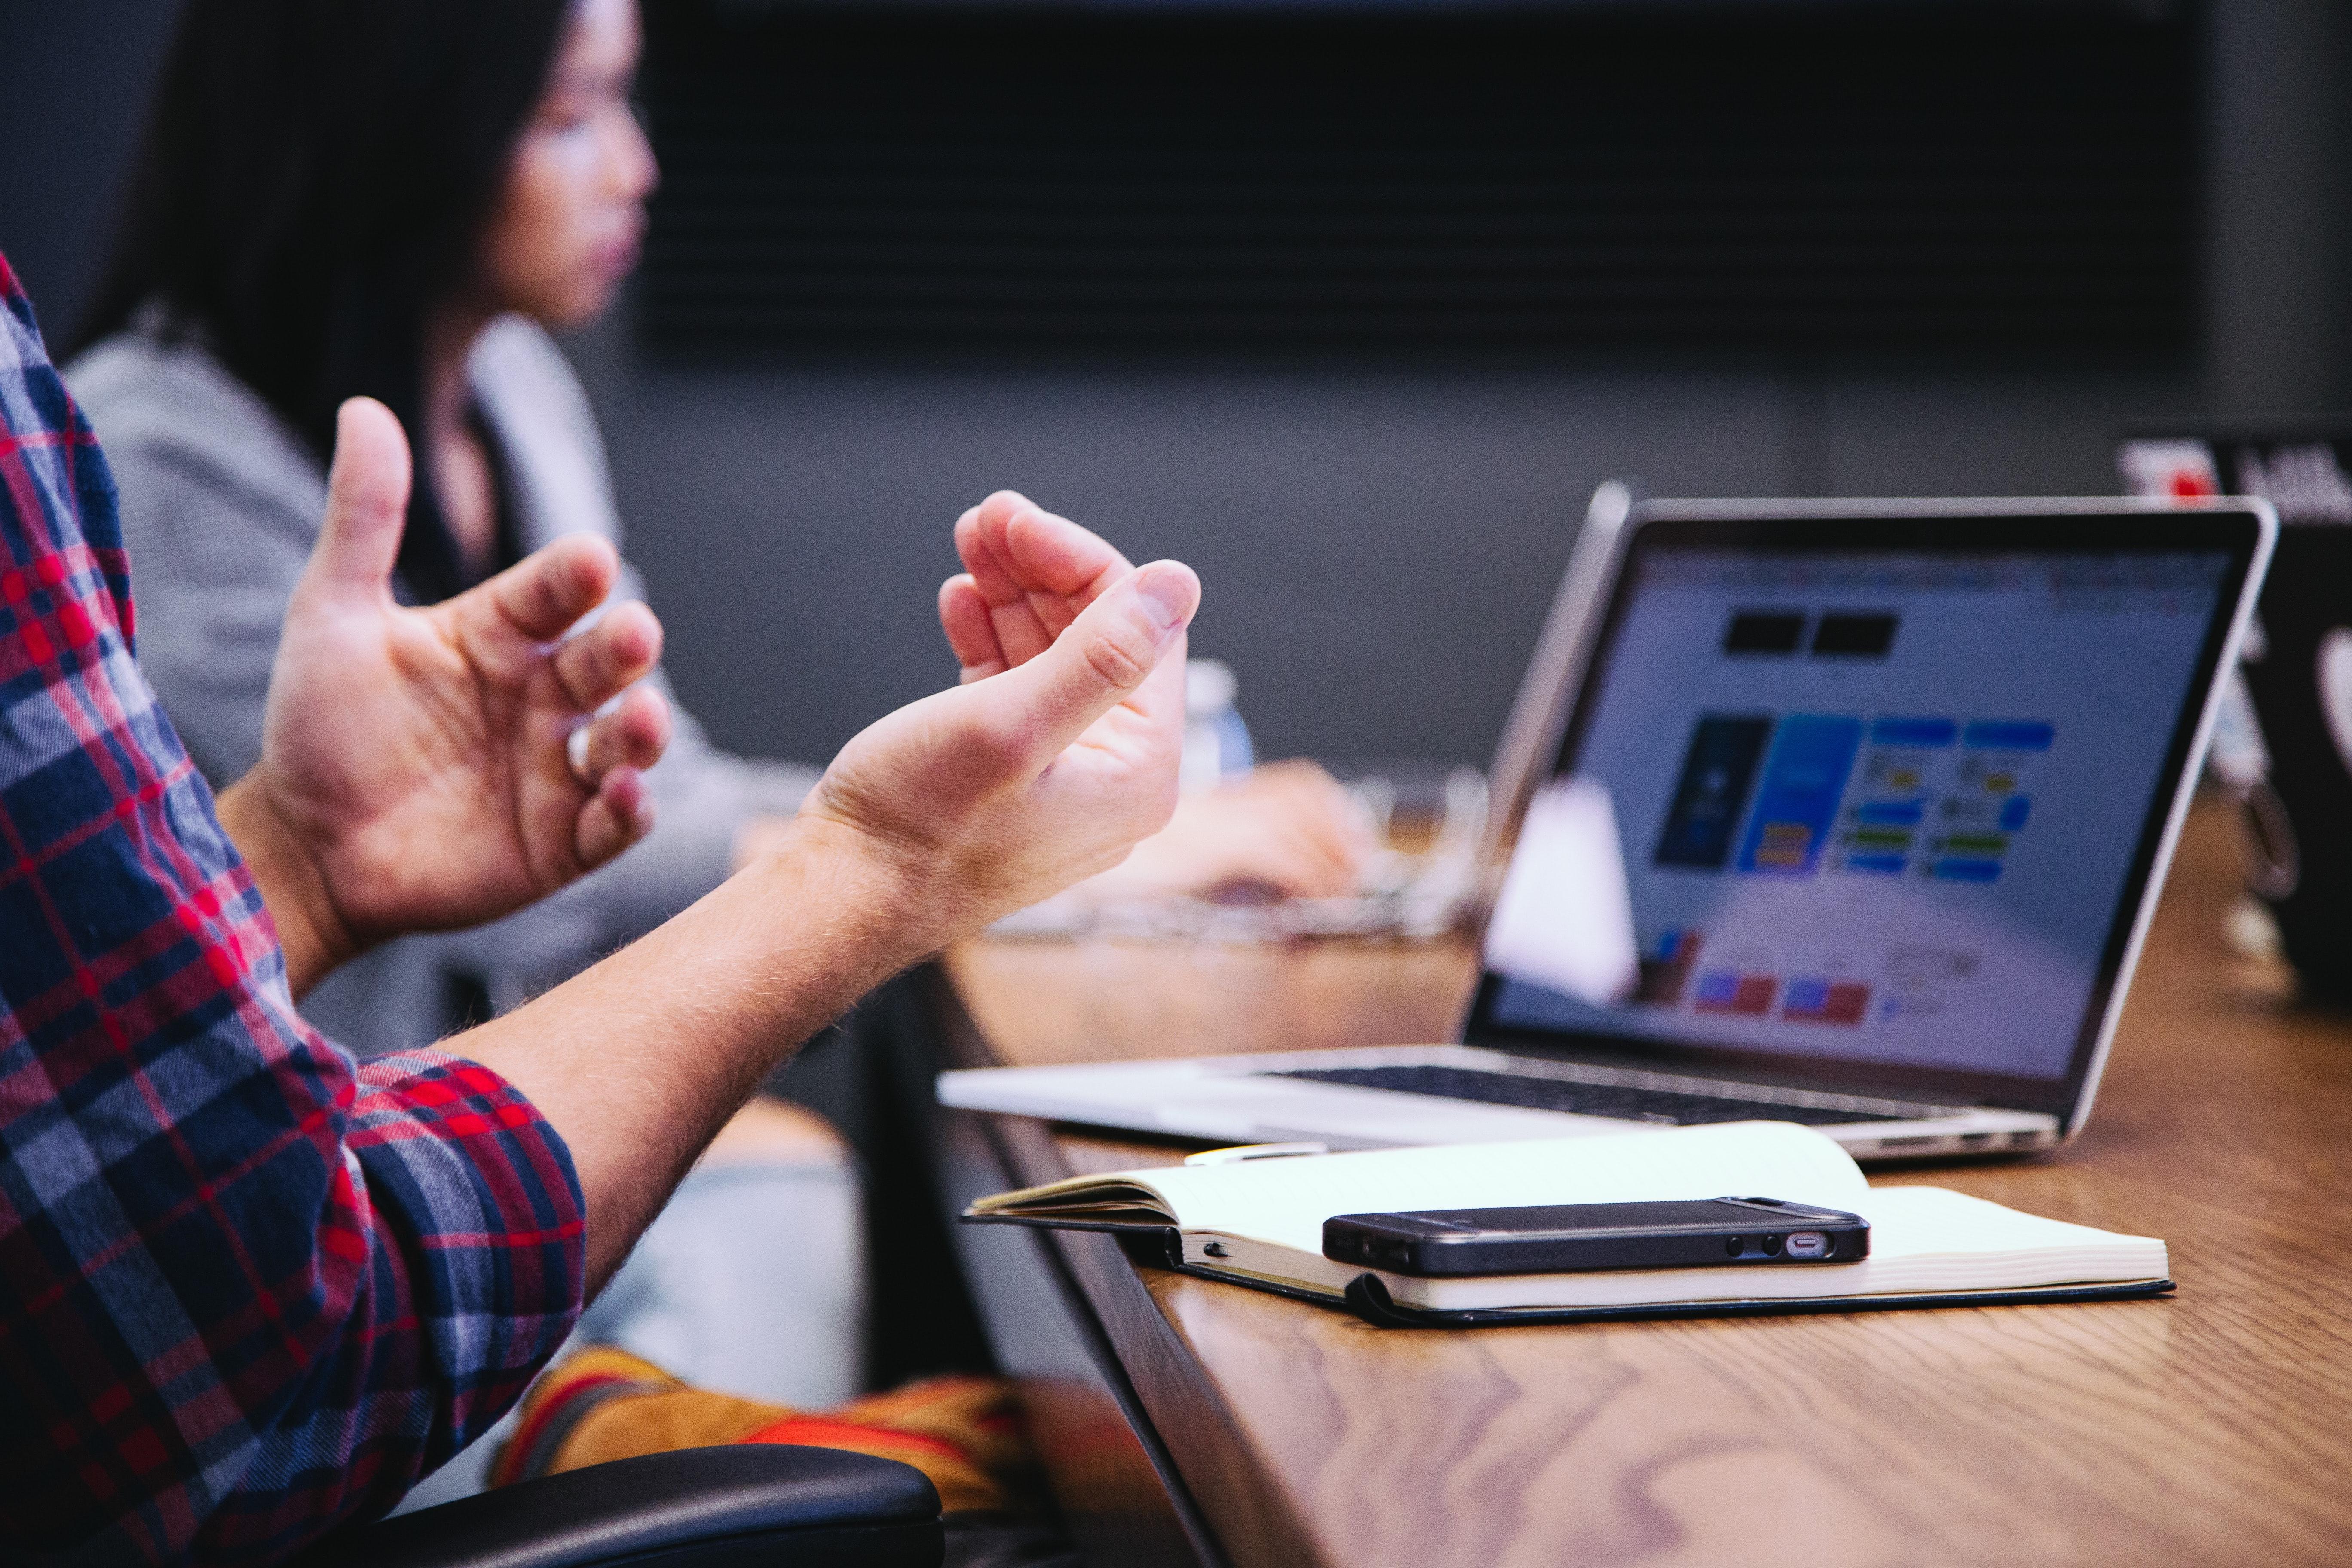 Opco EP : Les formations à distance financées à 100% pour les entreprises de moins de 50 salariés - Interfor Formation Continue